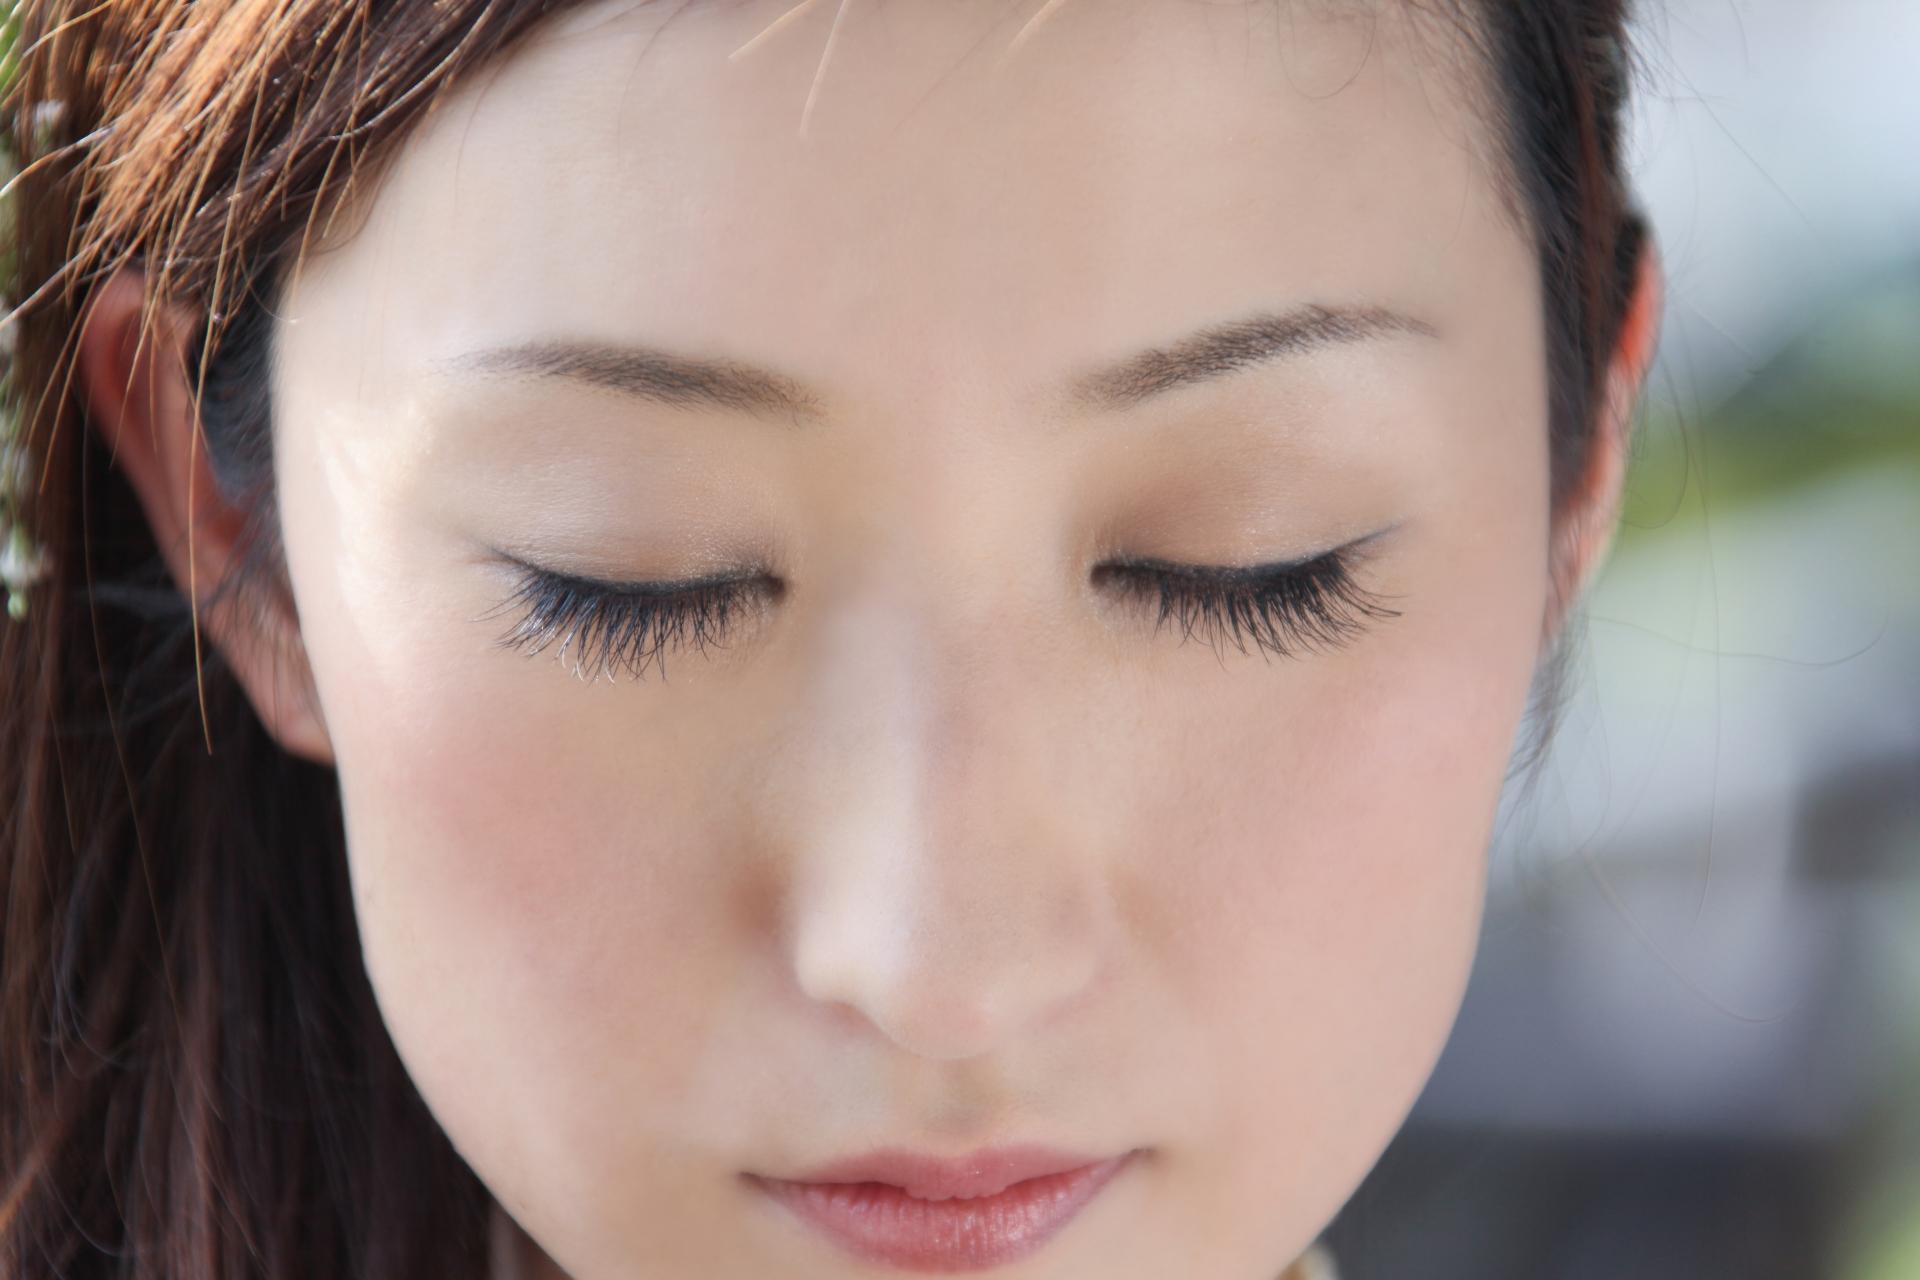 美容外科のカウンセラーを辞めたい人へ=つらい仕事と会社を上手に辞める方法